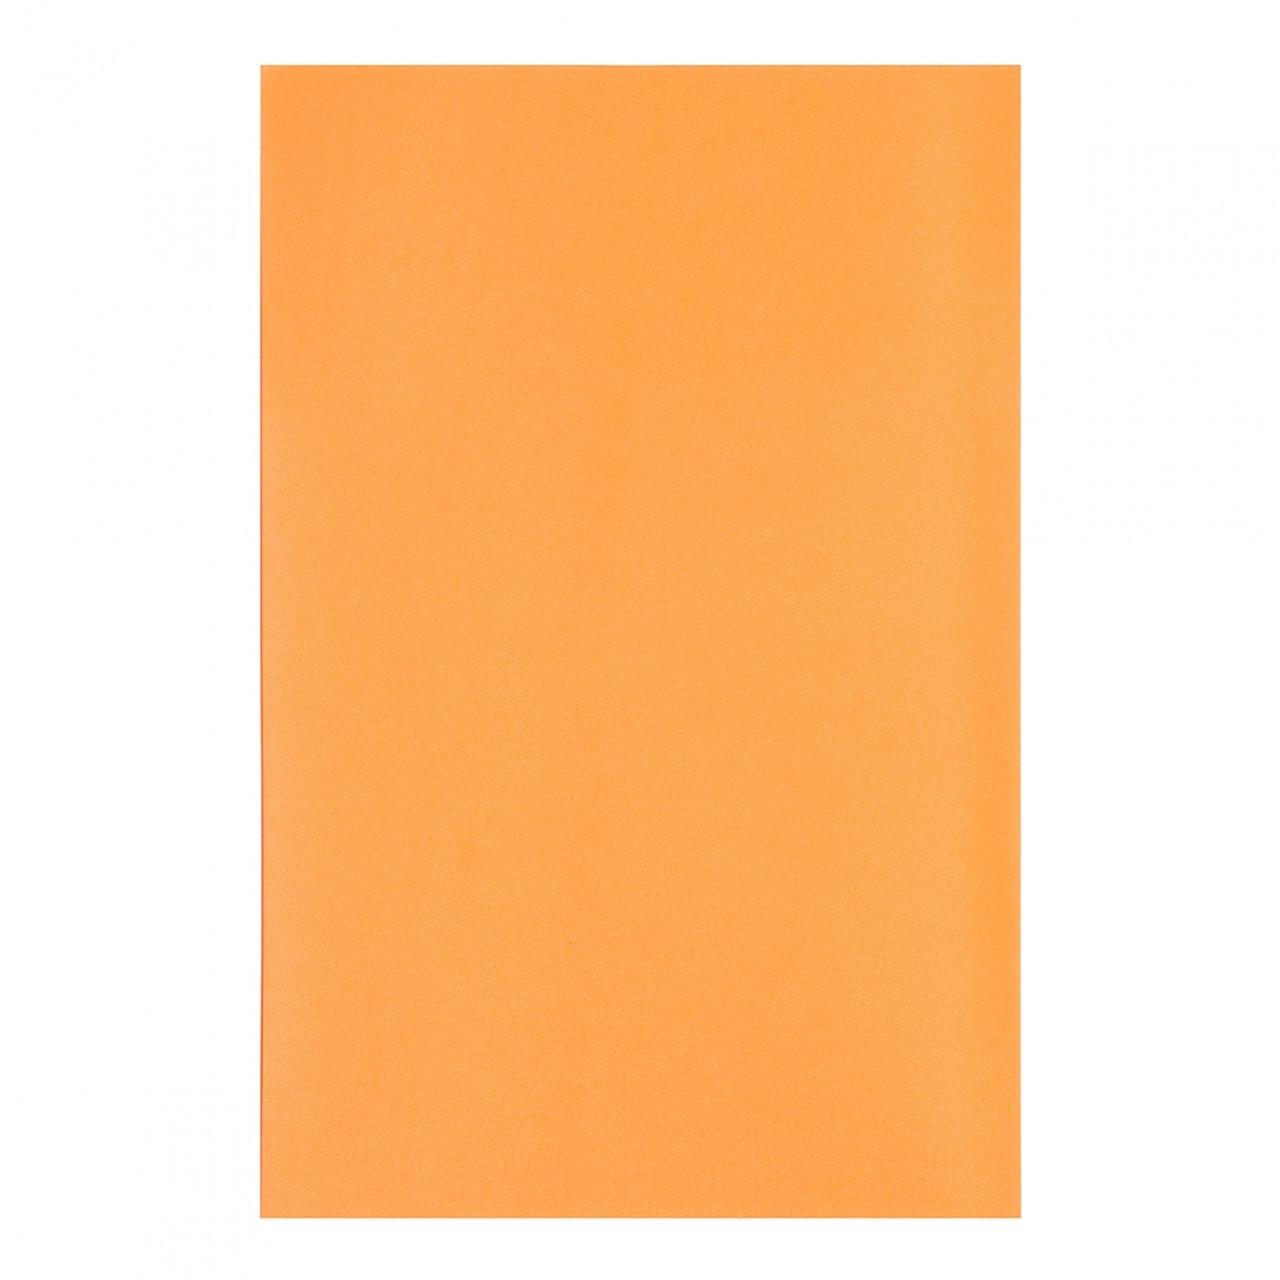 """Фоаміран А4 """"Santi"""" помаранчевий,товщина 1,7мм, EVA,клейкий №742724(10)"""